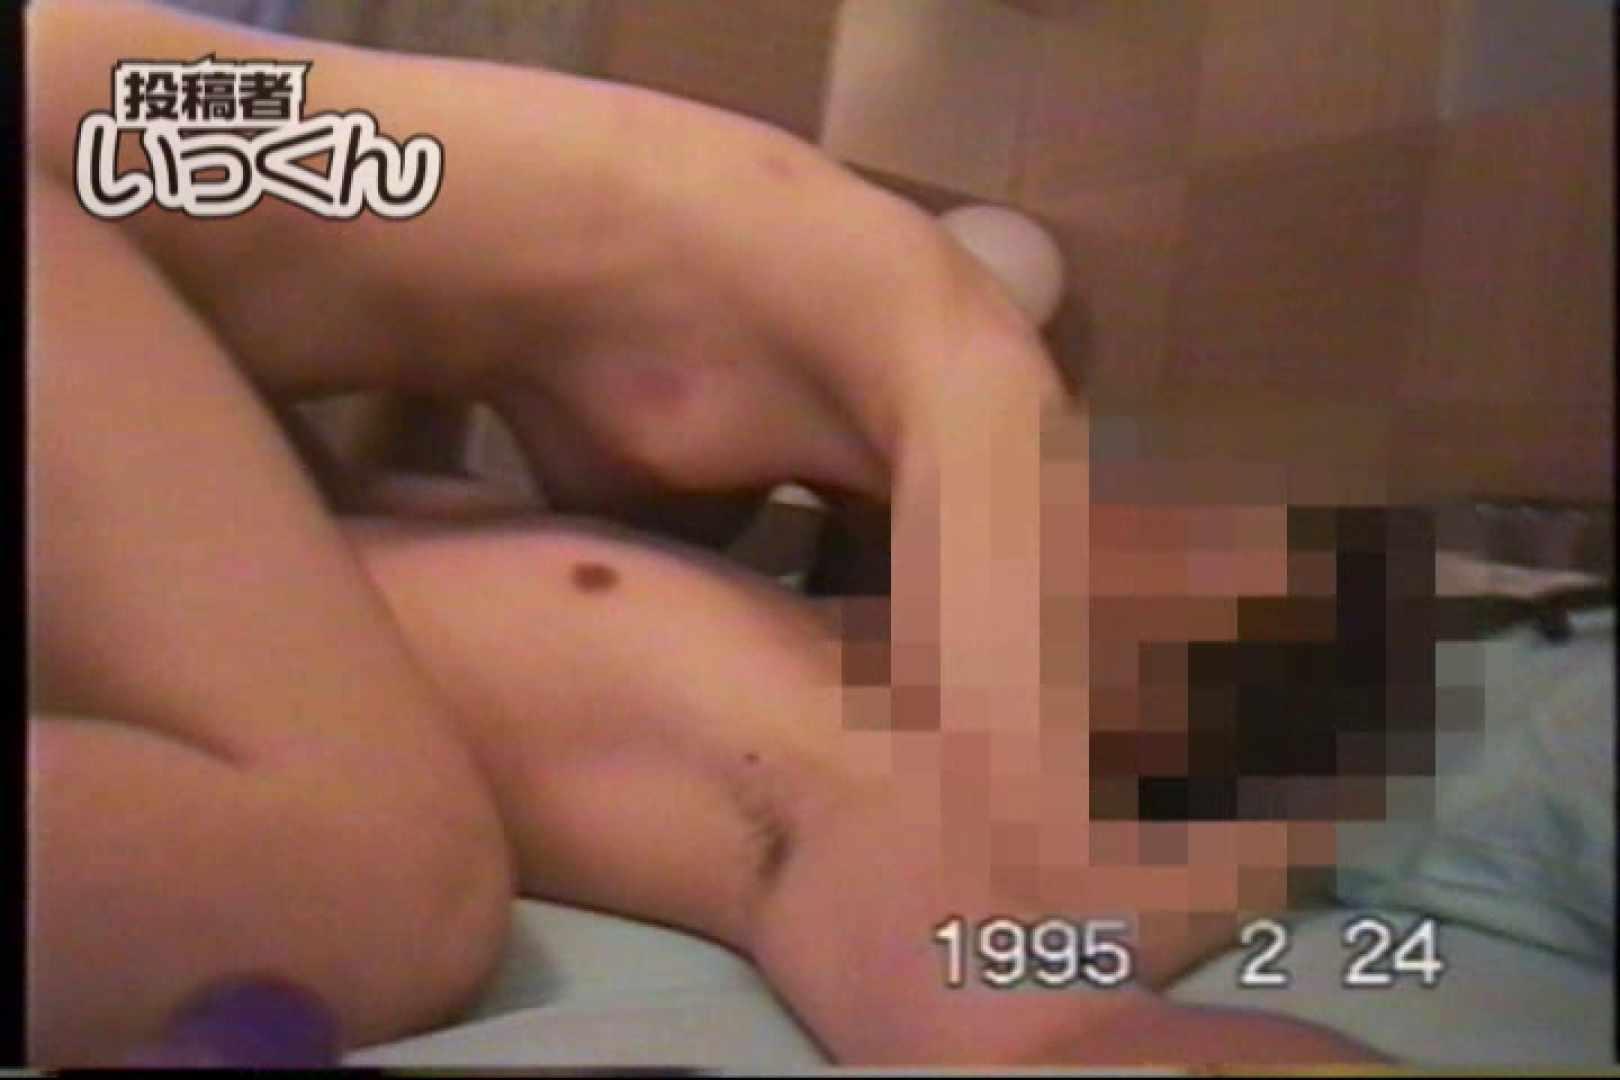 調教師いっくんの ちほ撮影バレ 盗撮 | 一般投稿  83pic 63